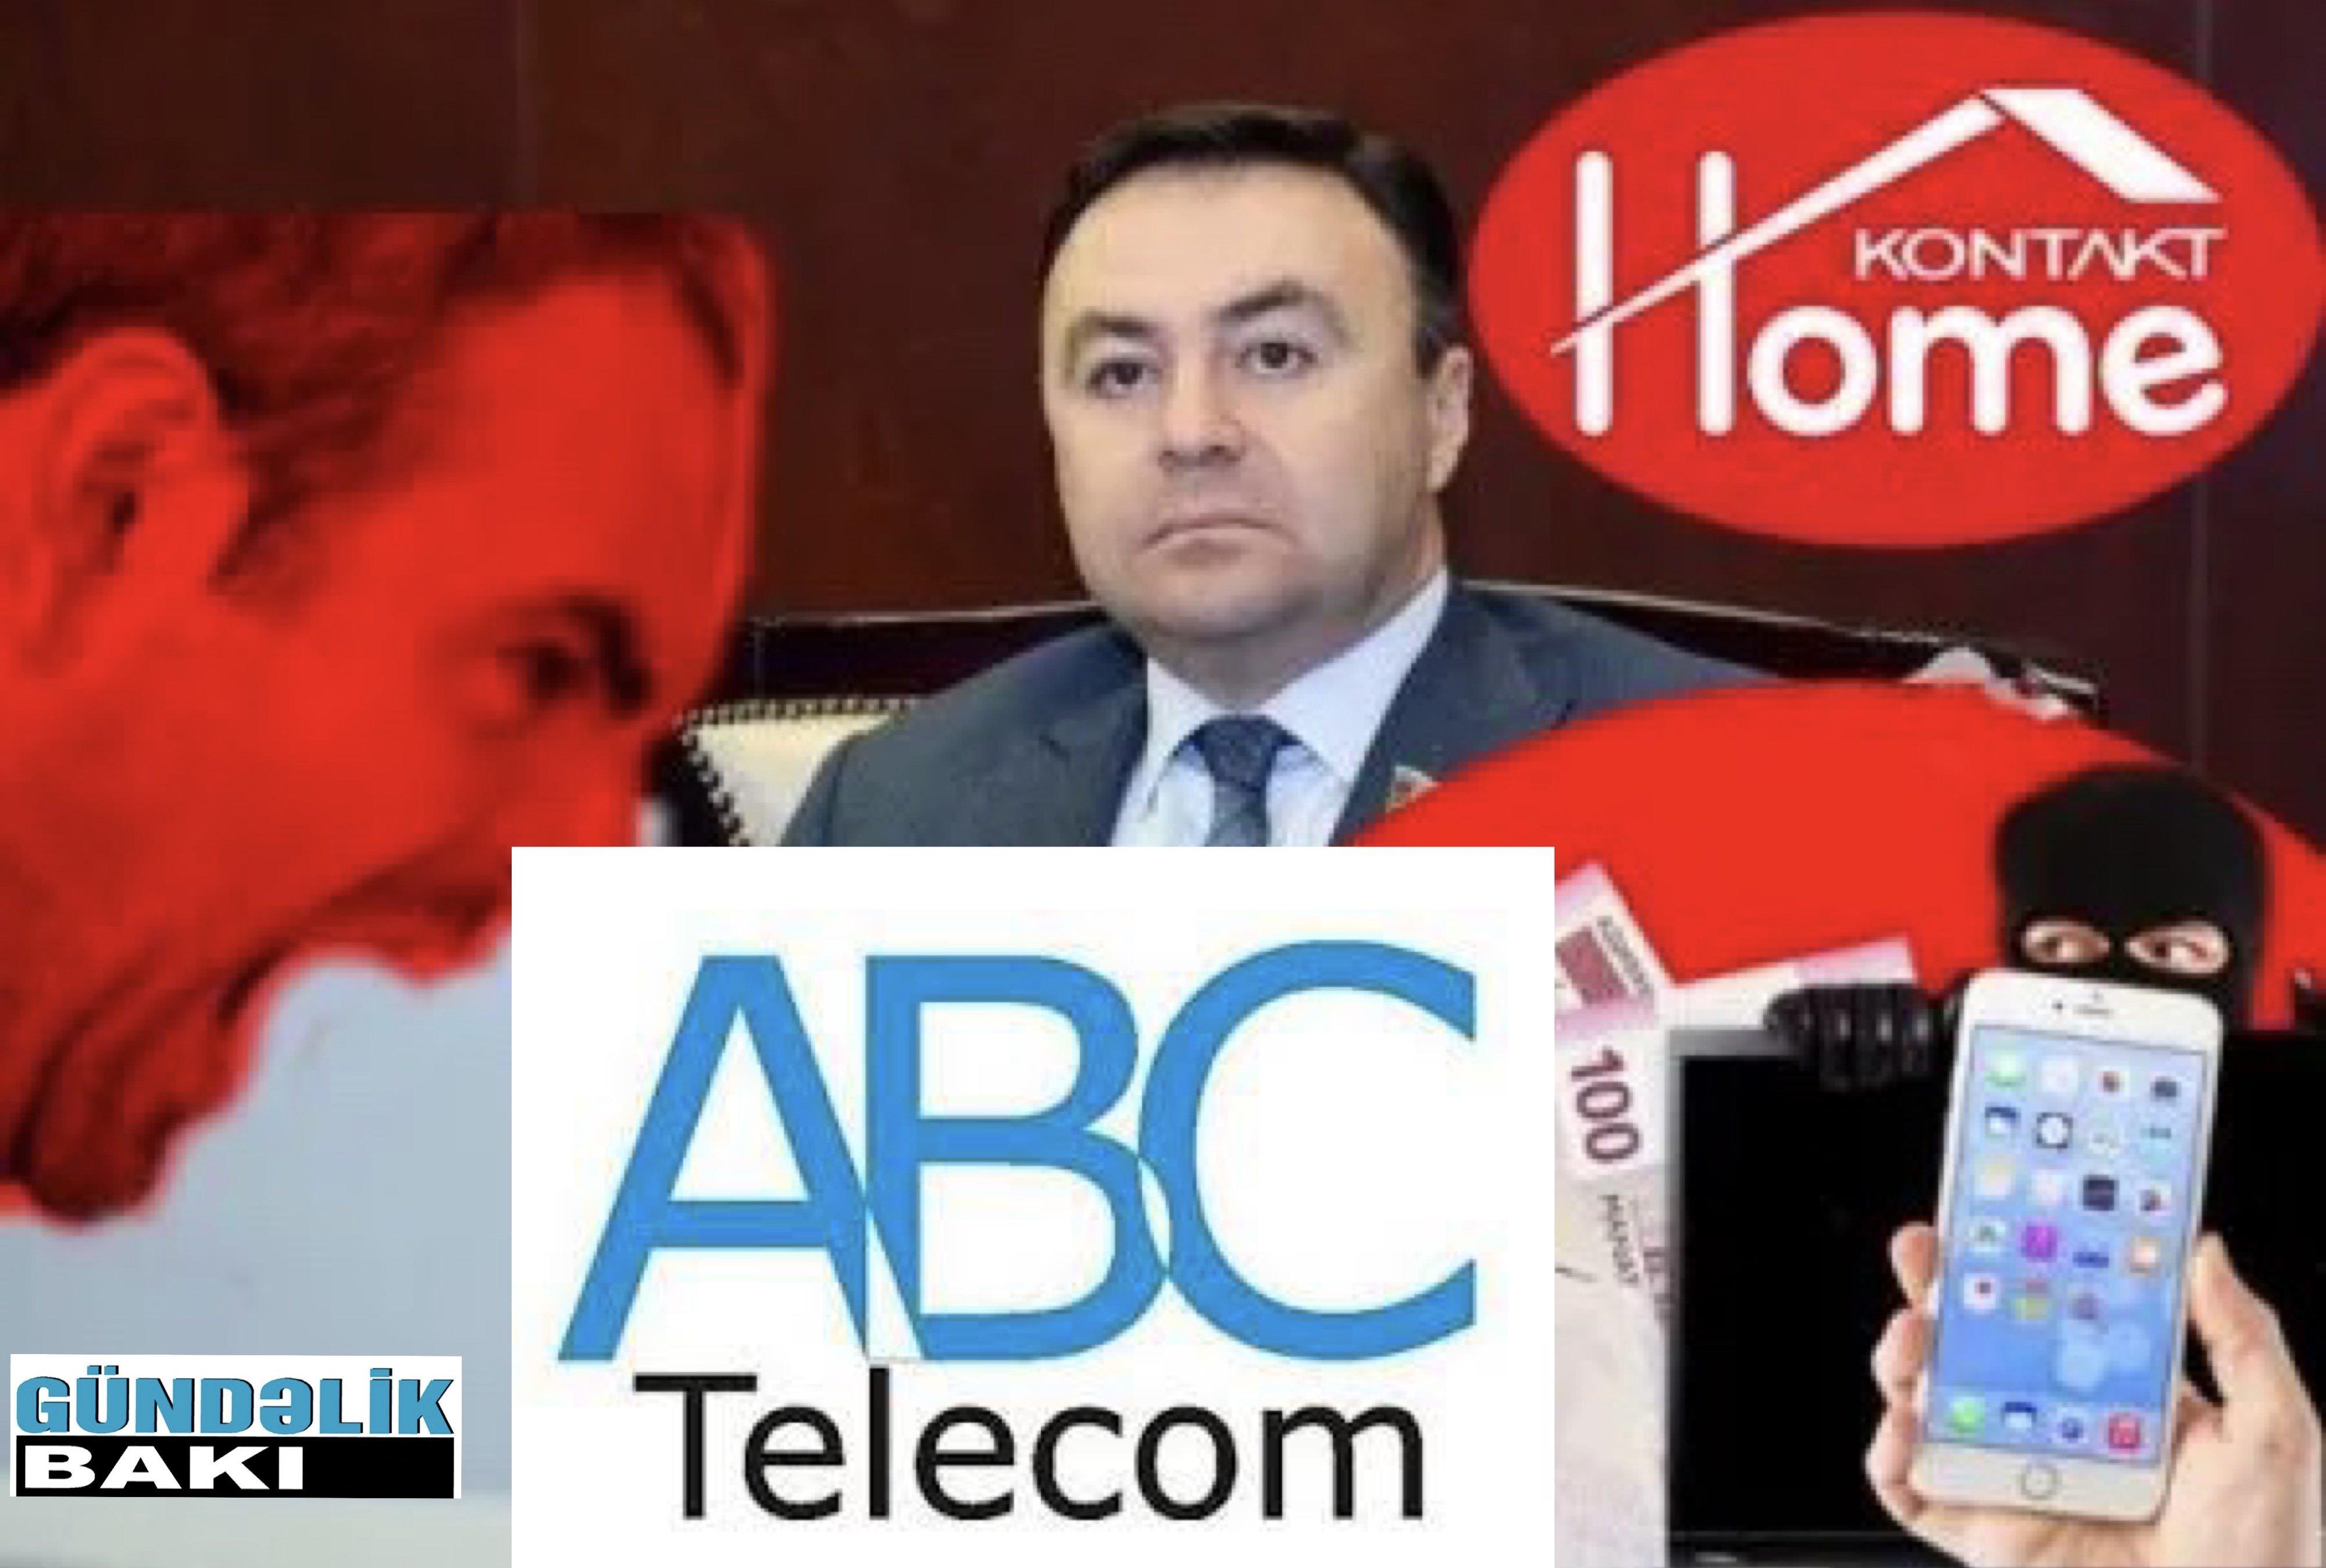 ABC Telekomda ciddi problemlər var- Şirkətin sahibi Azər Süleymanov alıcıların hüquqlarını pozur